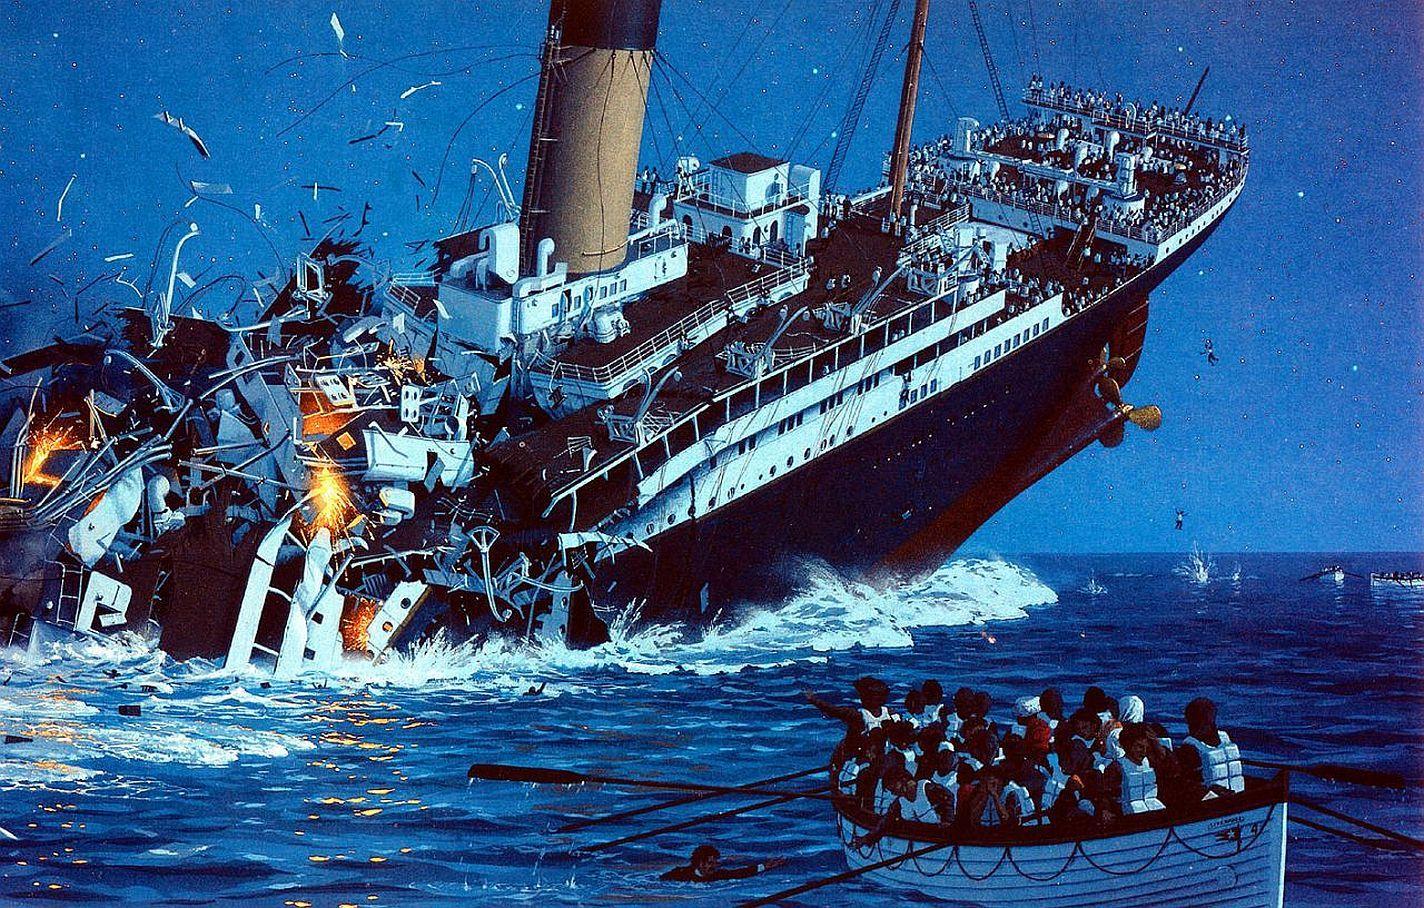 24 curiosidades que quase ninguém sabe sobre o naufrágio ...